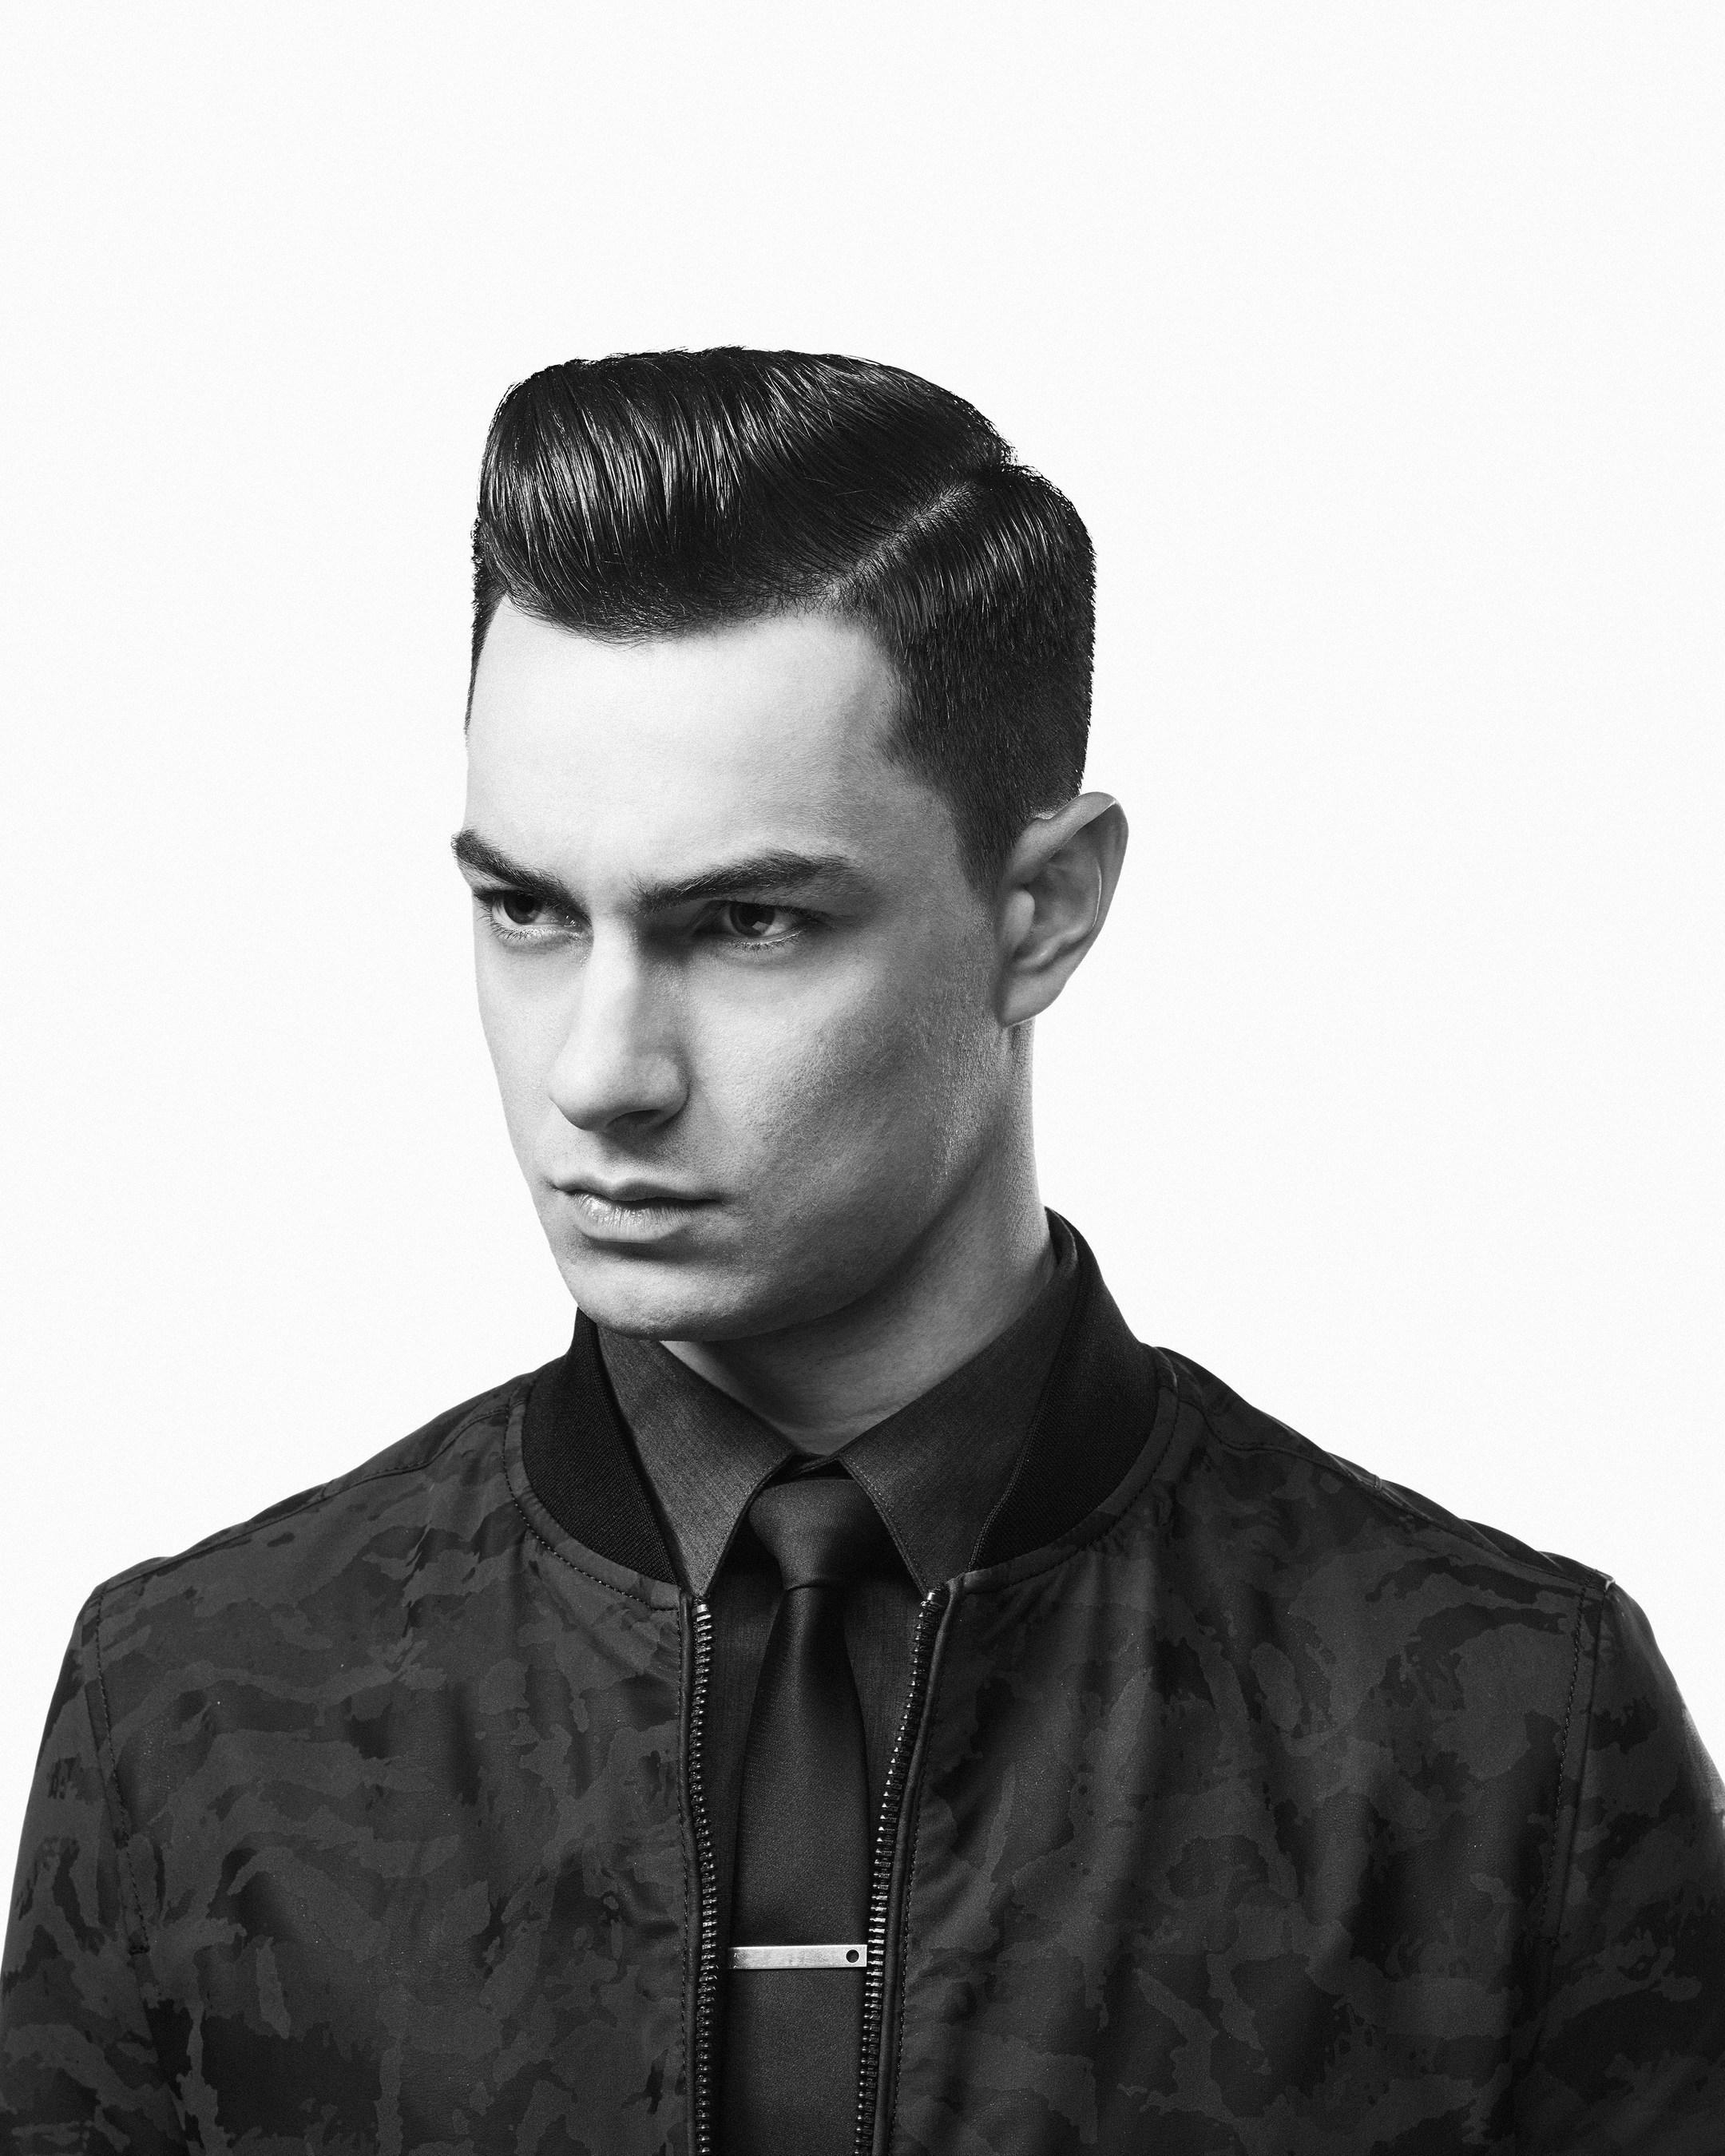 Встречайте лучшего мужского стилиста в мире: American Crew назвала победителя ведущего глобального